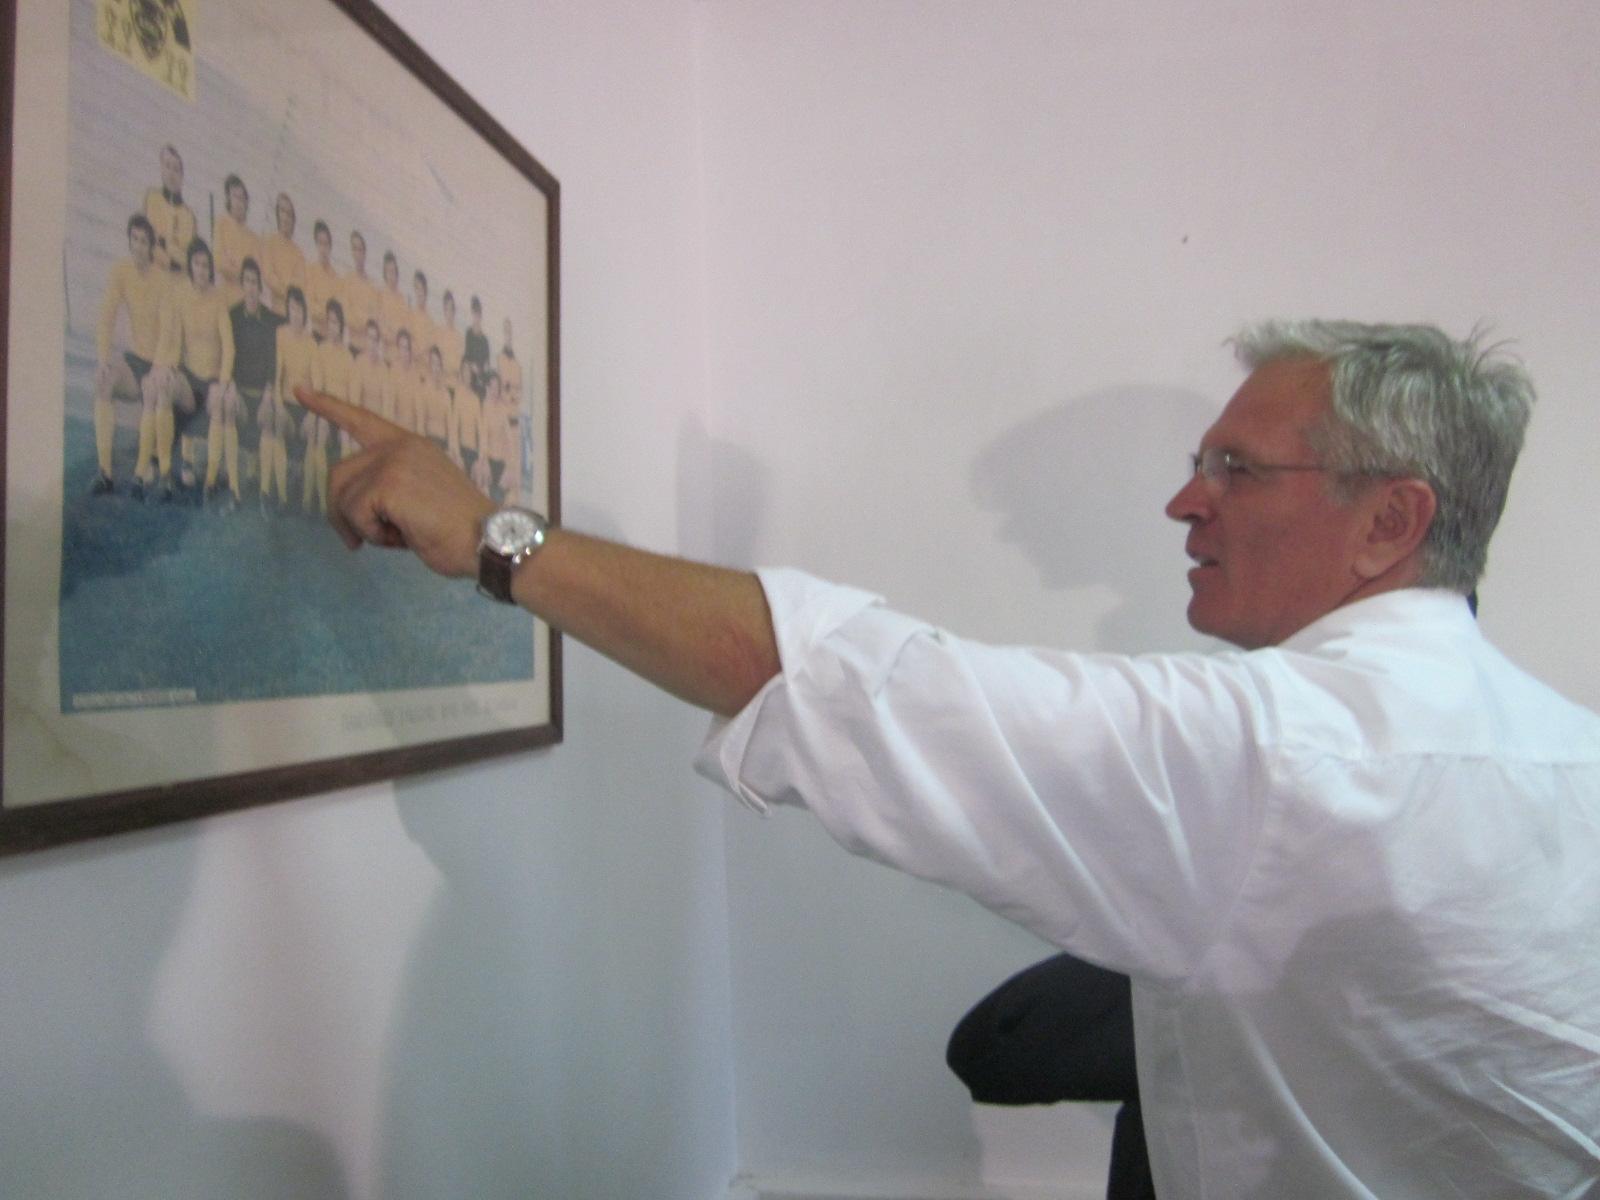 Το βάρος των Τσίριτς, Στάνκοβιτς και η… υπόκλιση Μιλίνκοβιτς στη συμβολική φωτογραφία (PRESSARIS-photo)